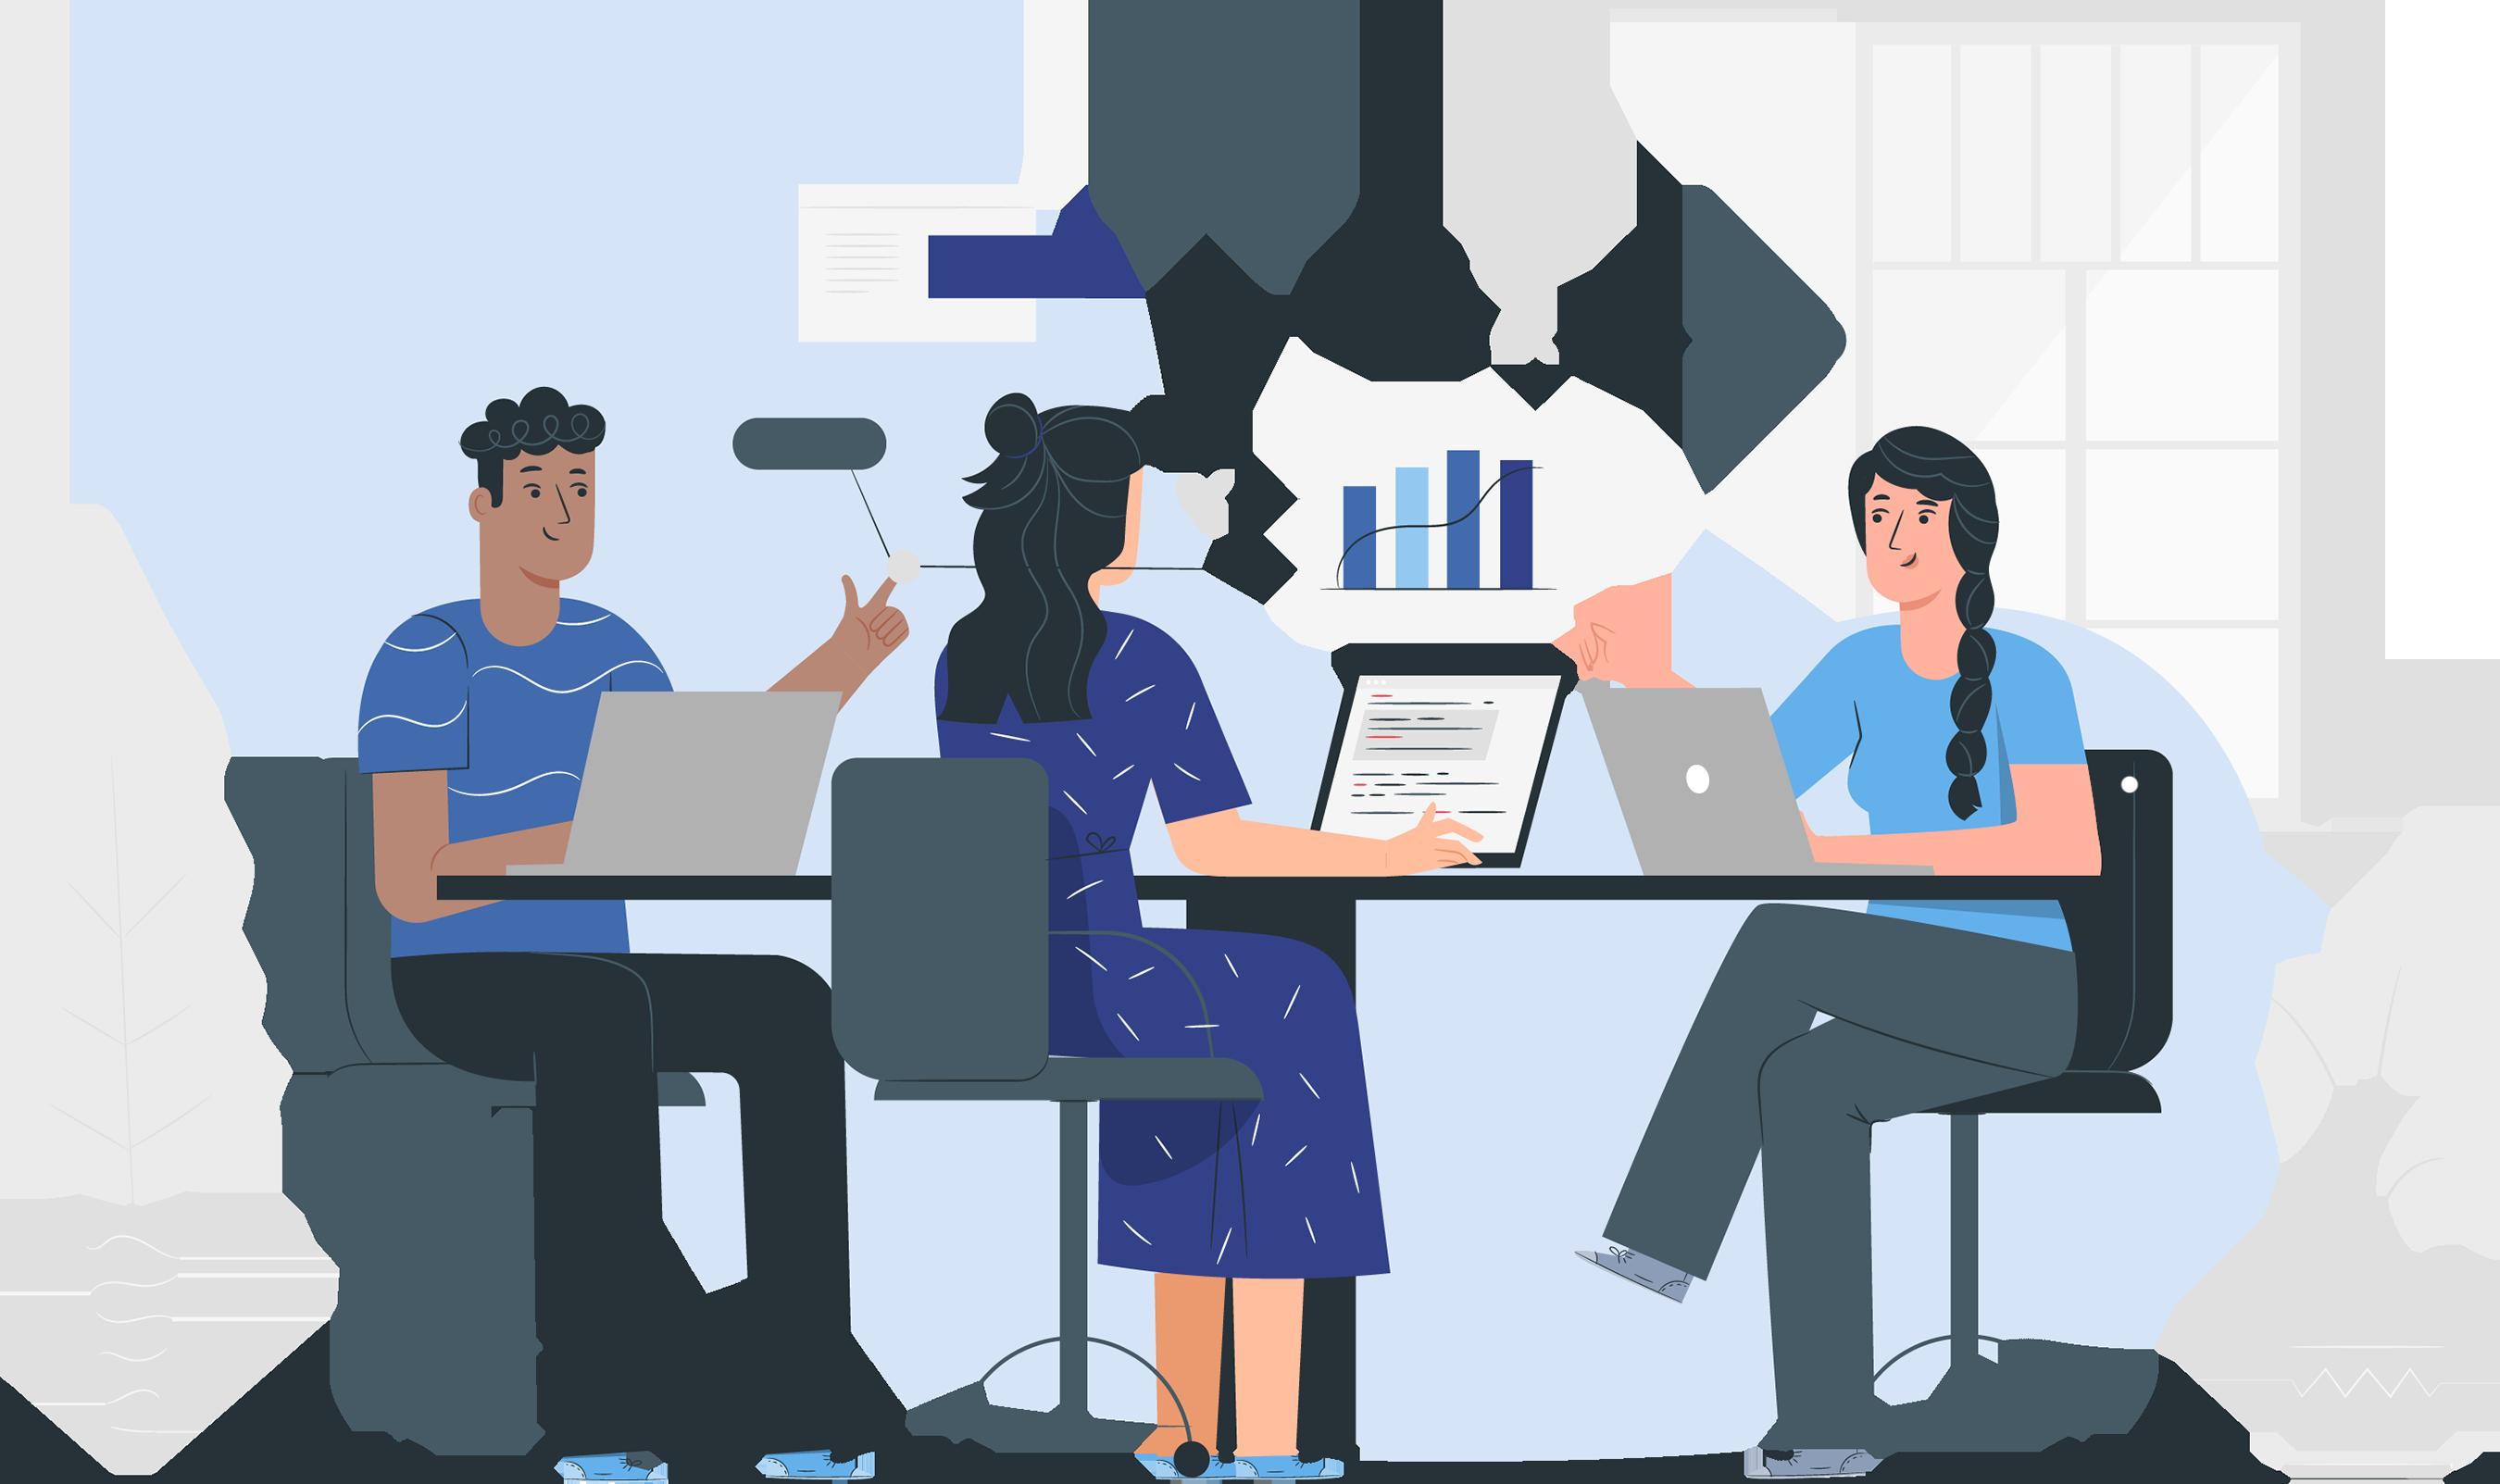 Lean Agile Team Meeting